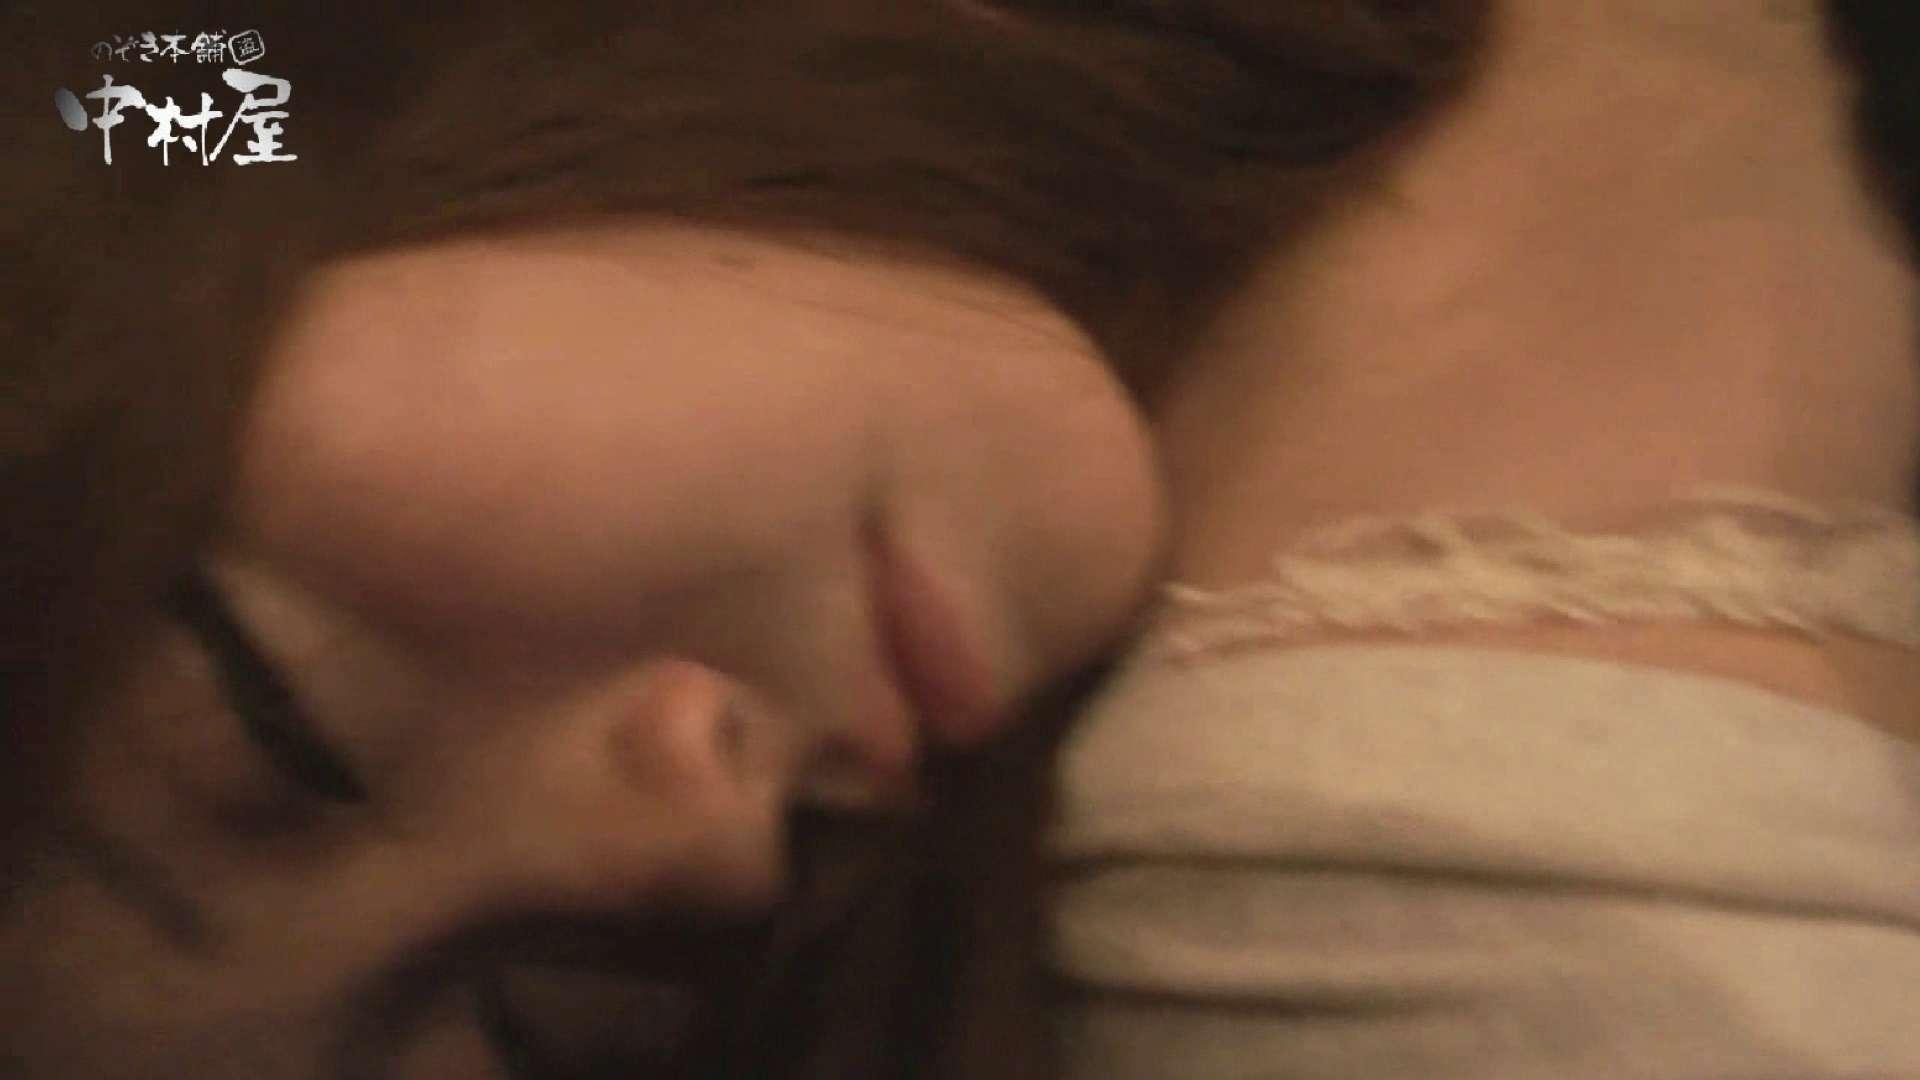 欲望 リアルドール Case.11 Sちゃん現役女子大生19歳 前編 ギャルヌード 盗み撮り動画キャプチャ 96画像 65